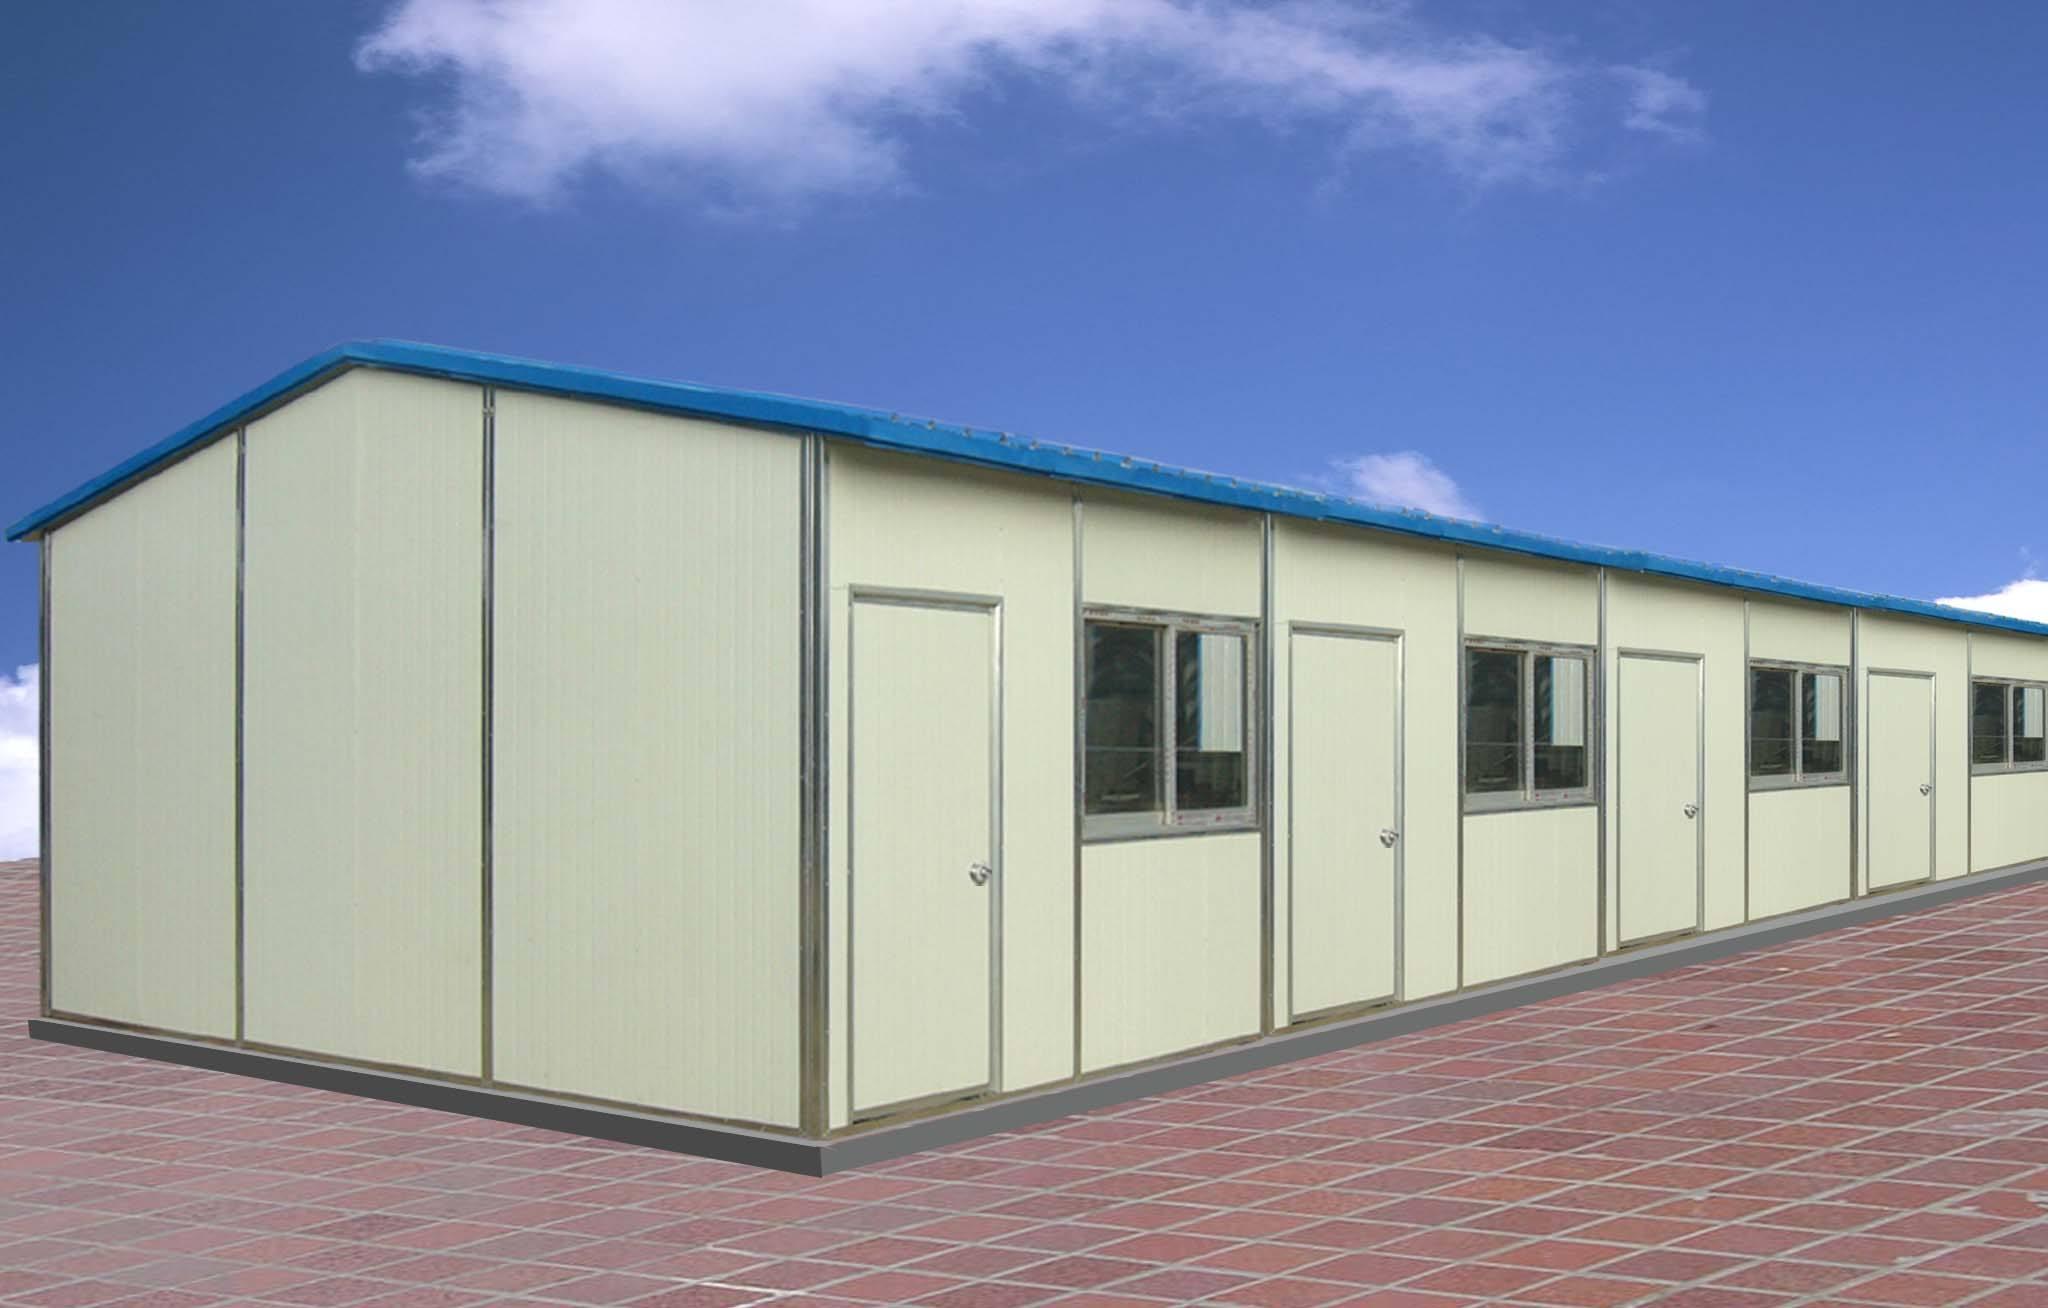 立人安居专业提供武汉移动活动房厂家